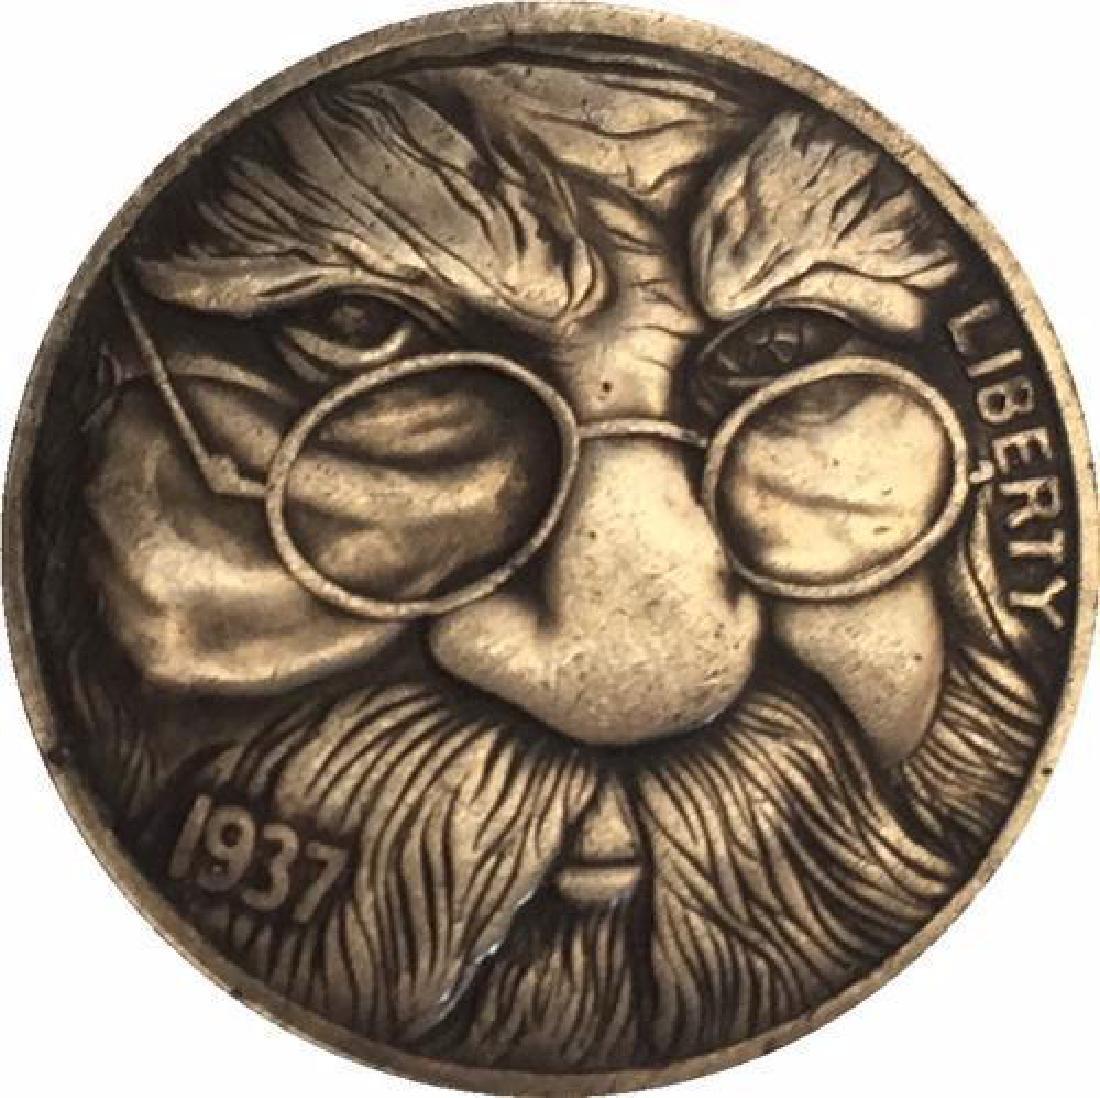 1937 USA Grandfather Buffalo Coin